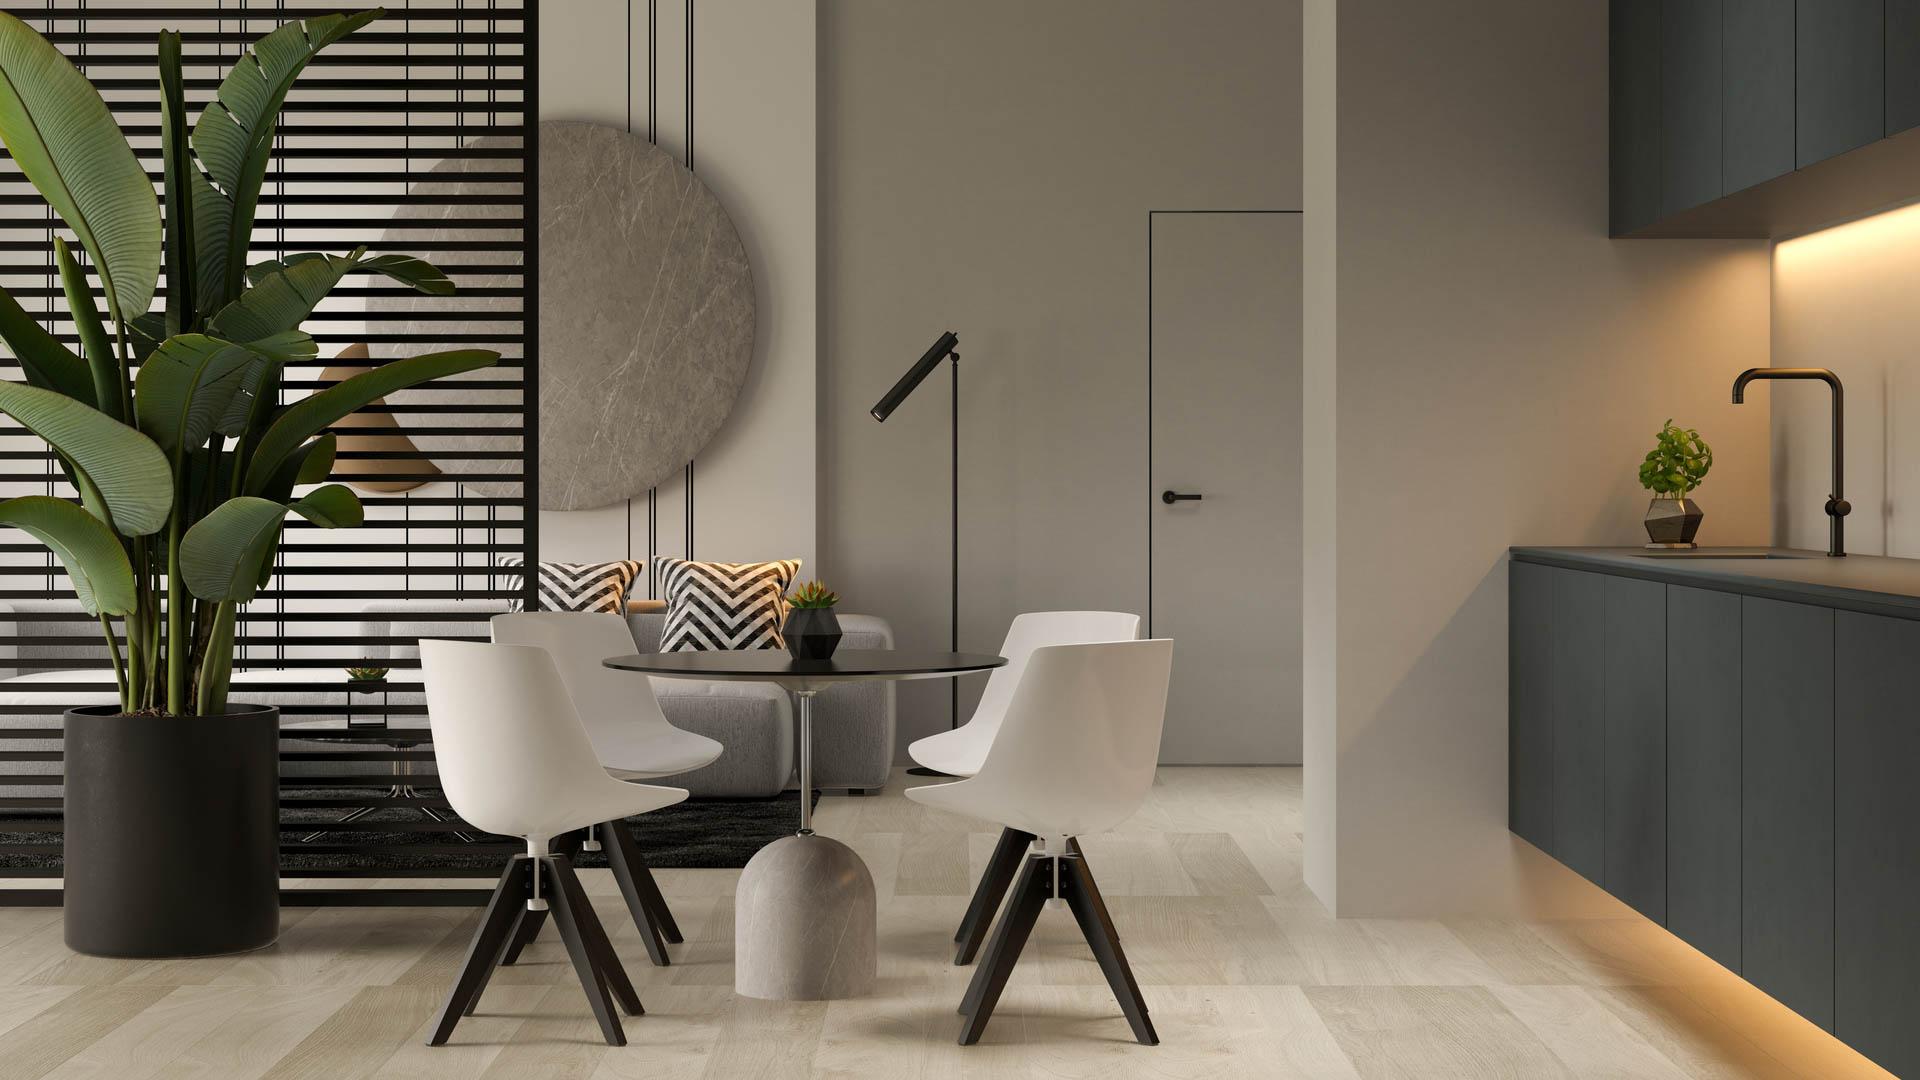 Kvaliteetsed materjalid ja ajatu siseviimistlus on Sinu uue kodu märksõnadeks!